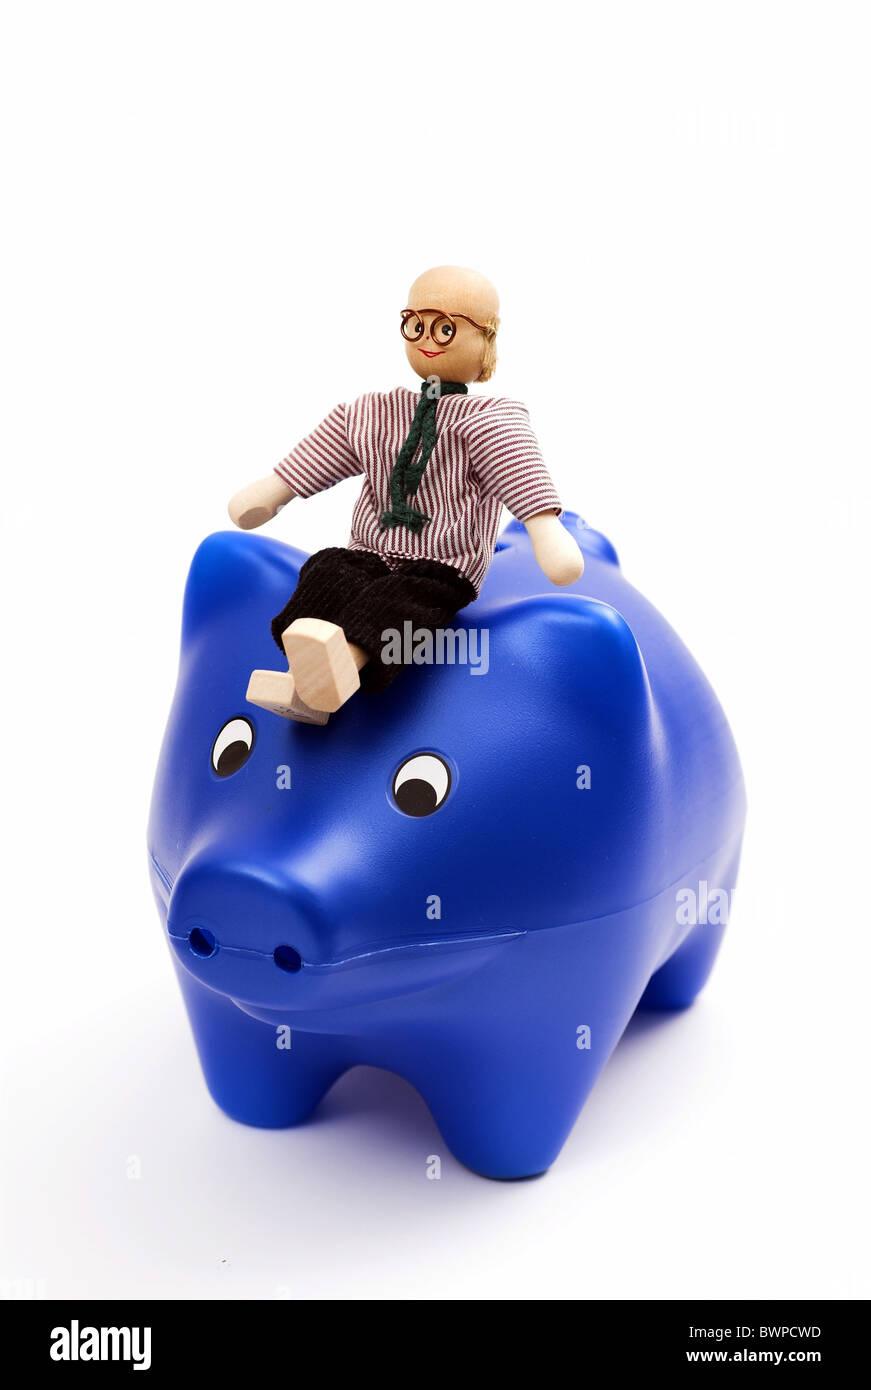 Salvataggio di uomo figura simbolo concetto Piggybank salvadanaio Blue Studio della pensione di anzianità a Immagini Stock